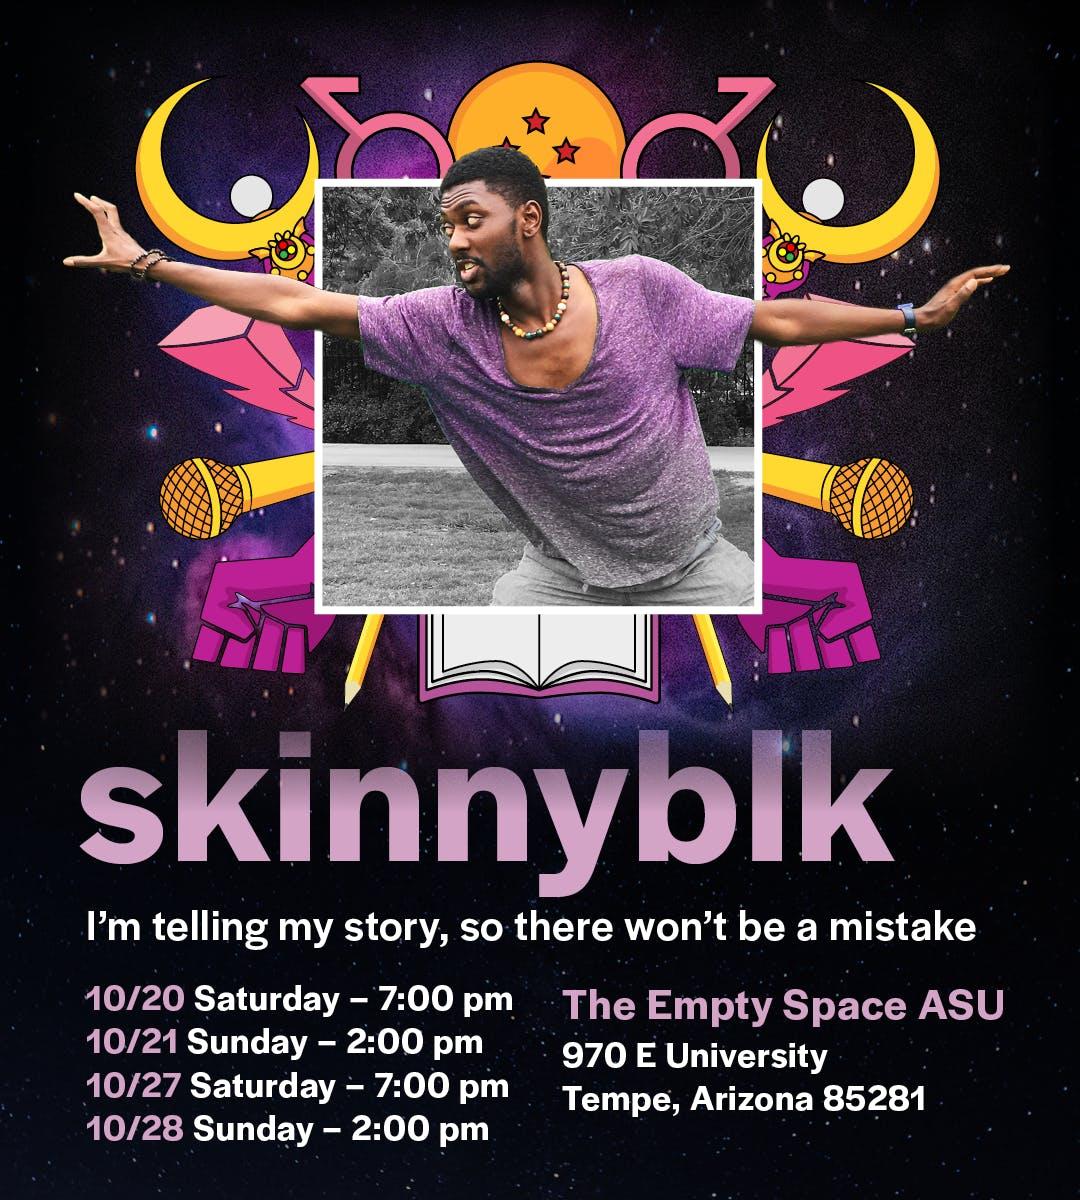 skinnyblk (new Eventbrite in Description!)